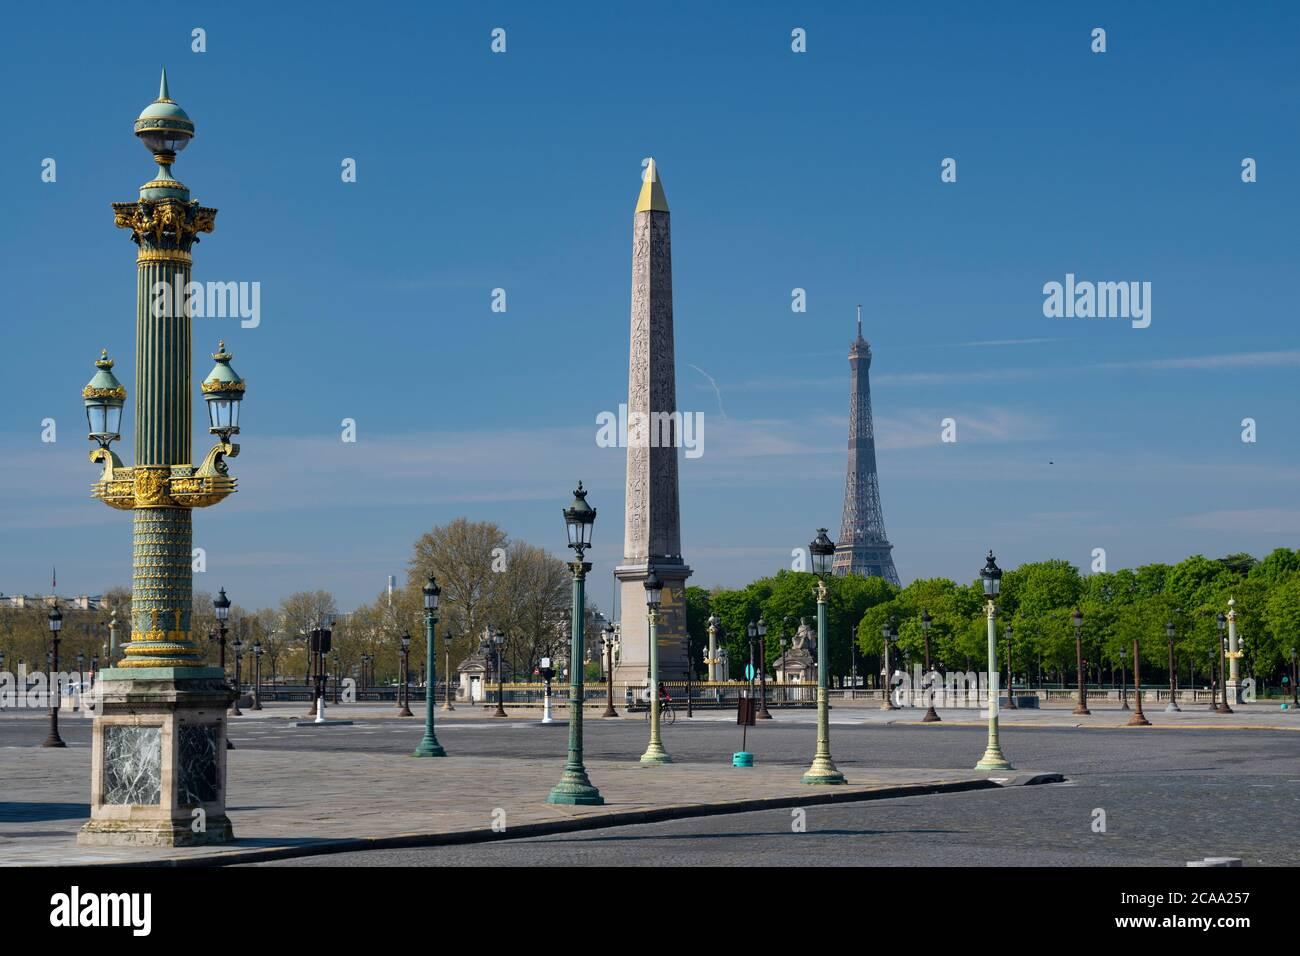 Place de la Concorde di Piazza della Concorde è una delle principali piazze pubbliche a Parigi, Francia Foto Stock